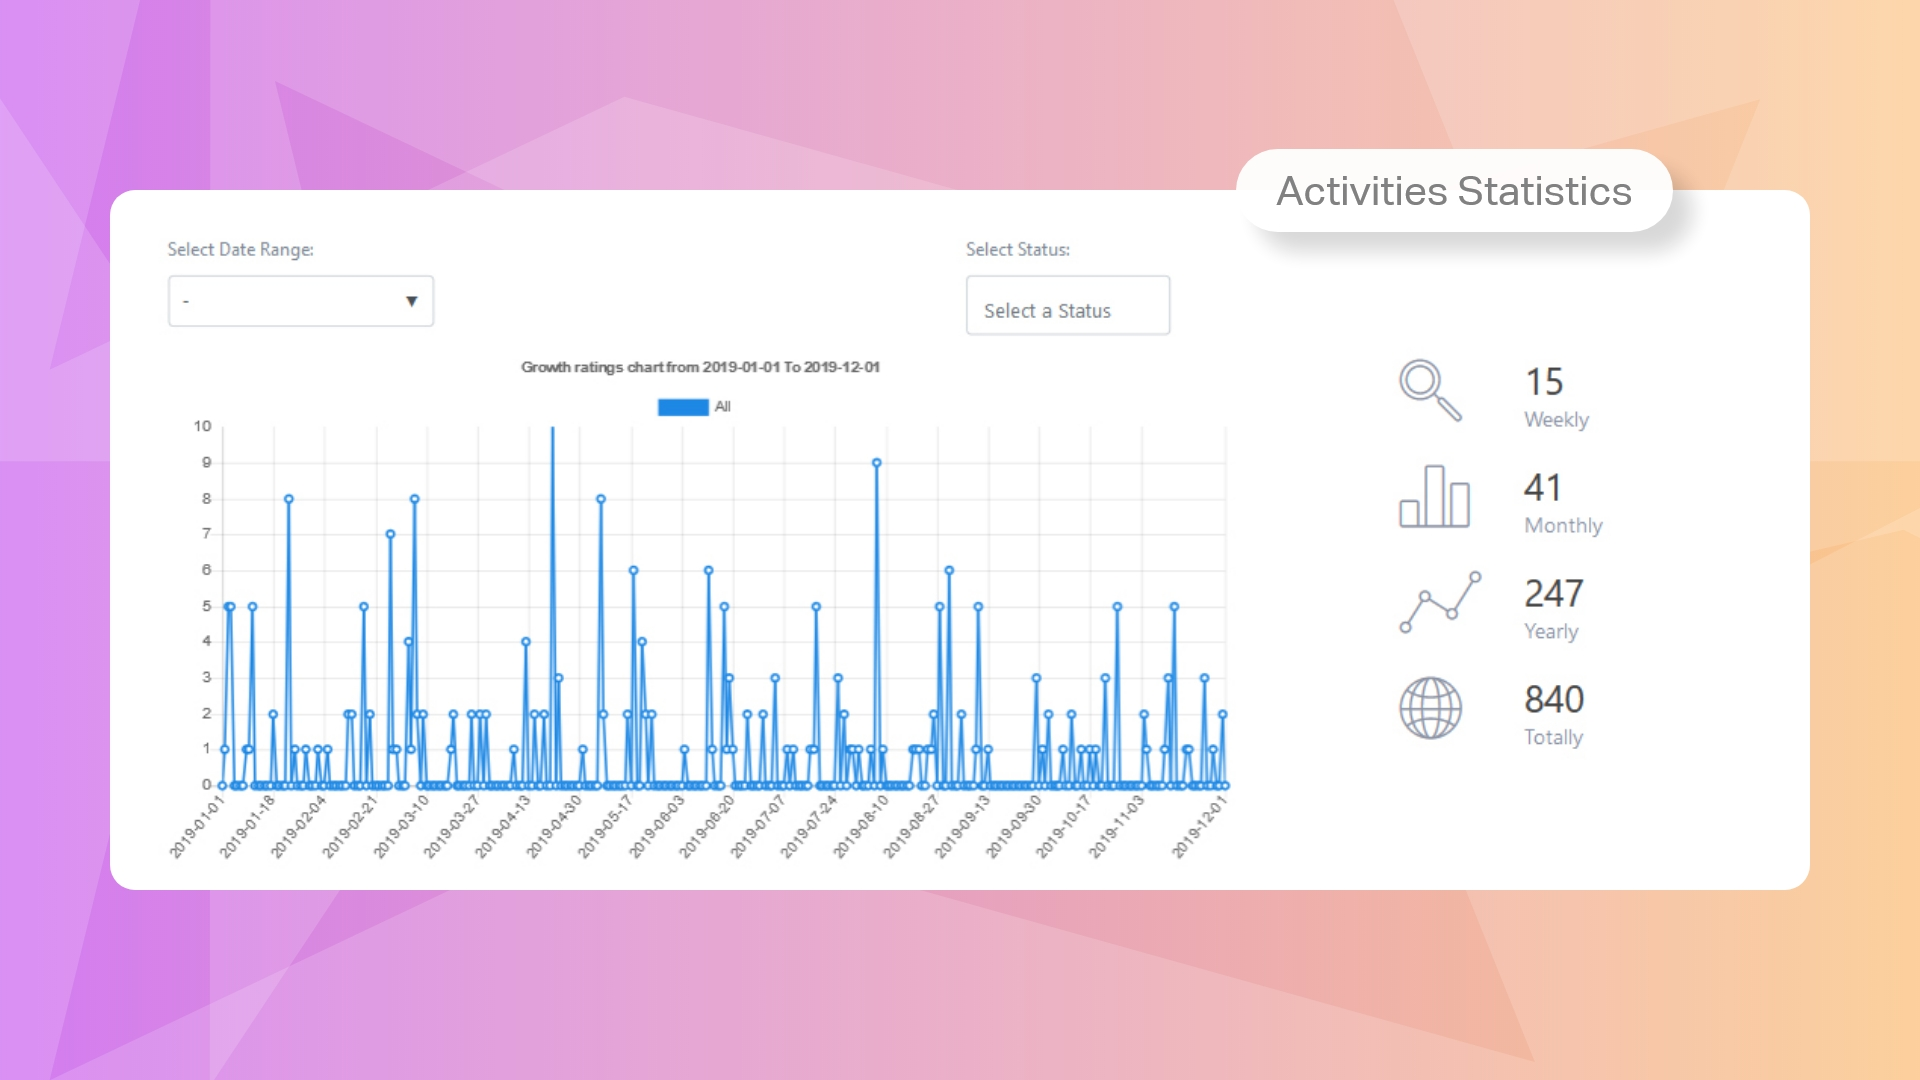 WP ULike Pro Statistics Tools - Activities Statistics